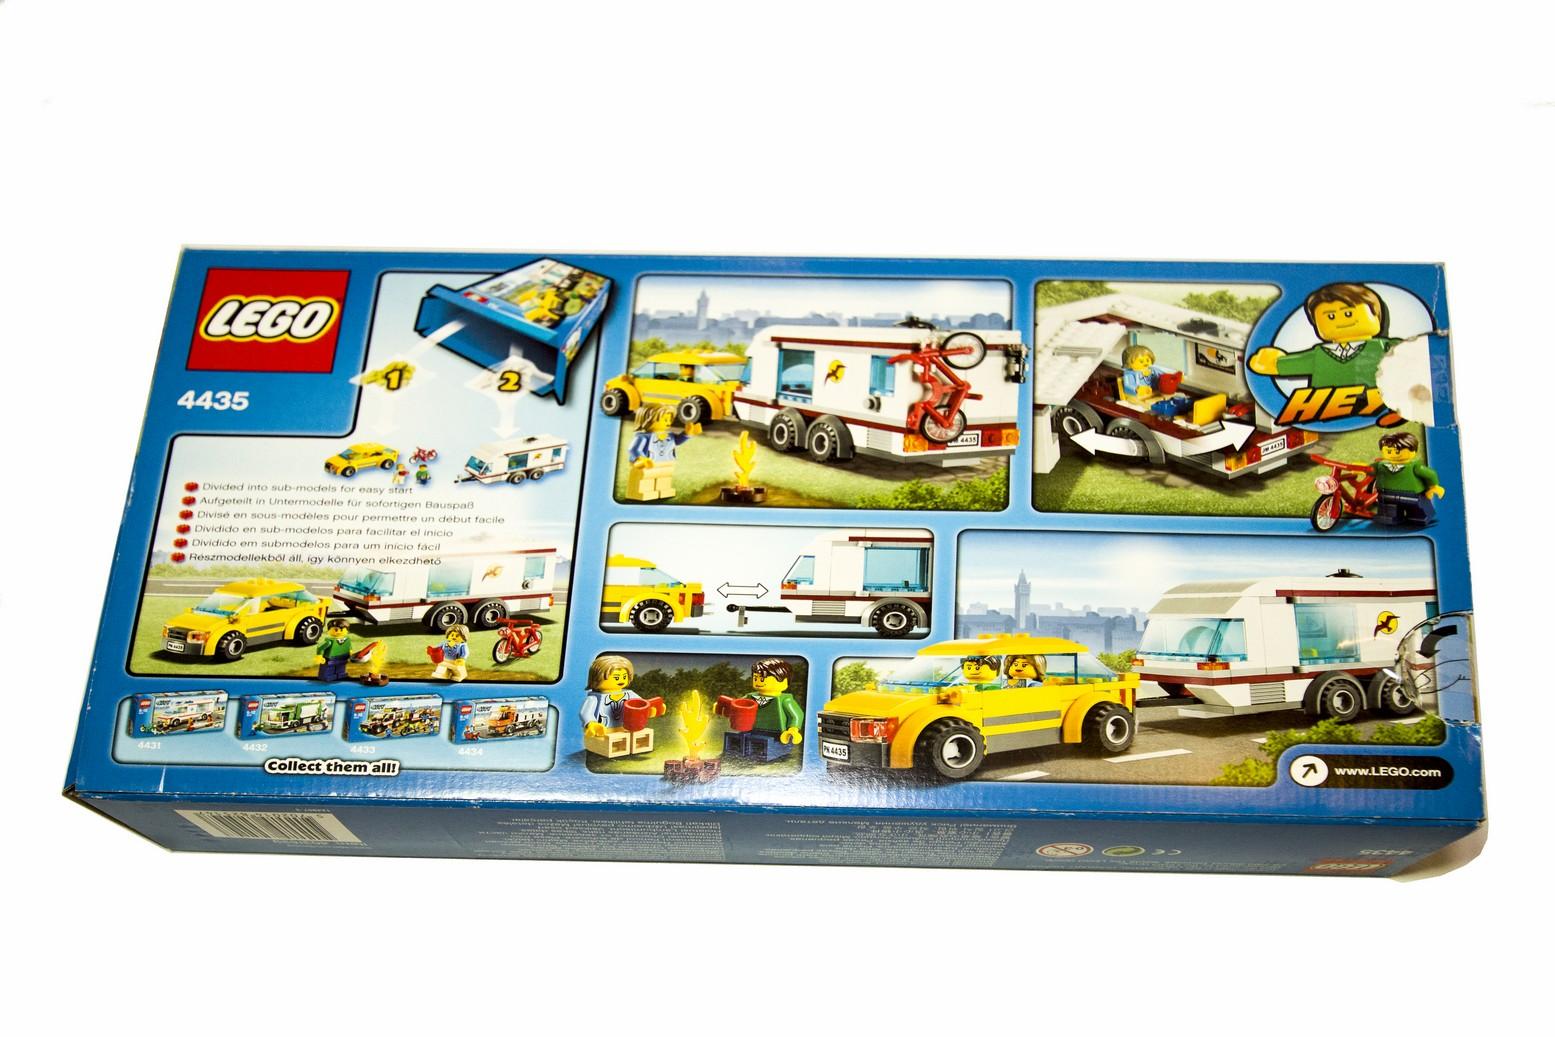 Lego City 4435 Samochód Z Przyczepą Kempingową 7437810772